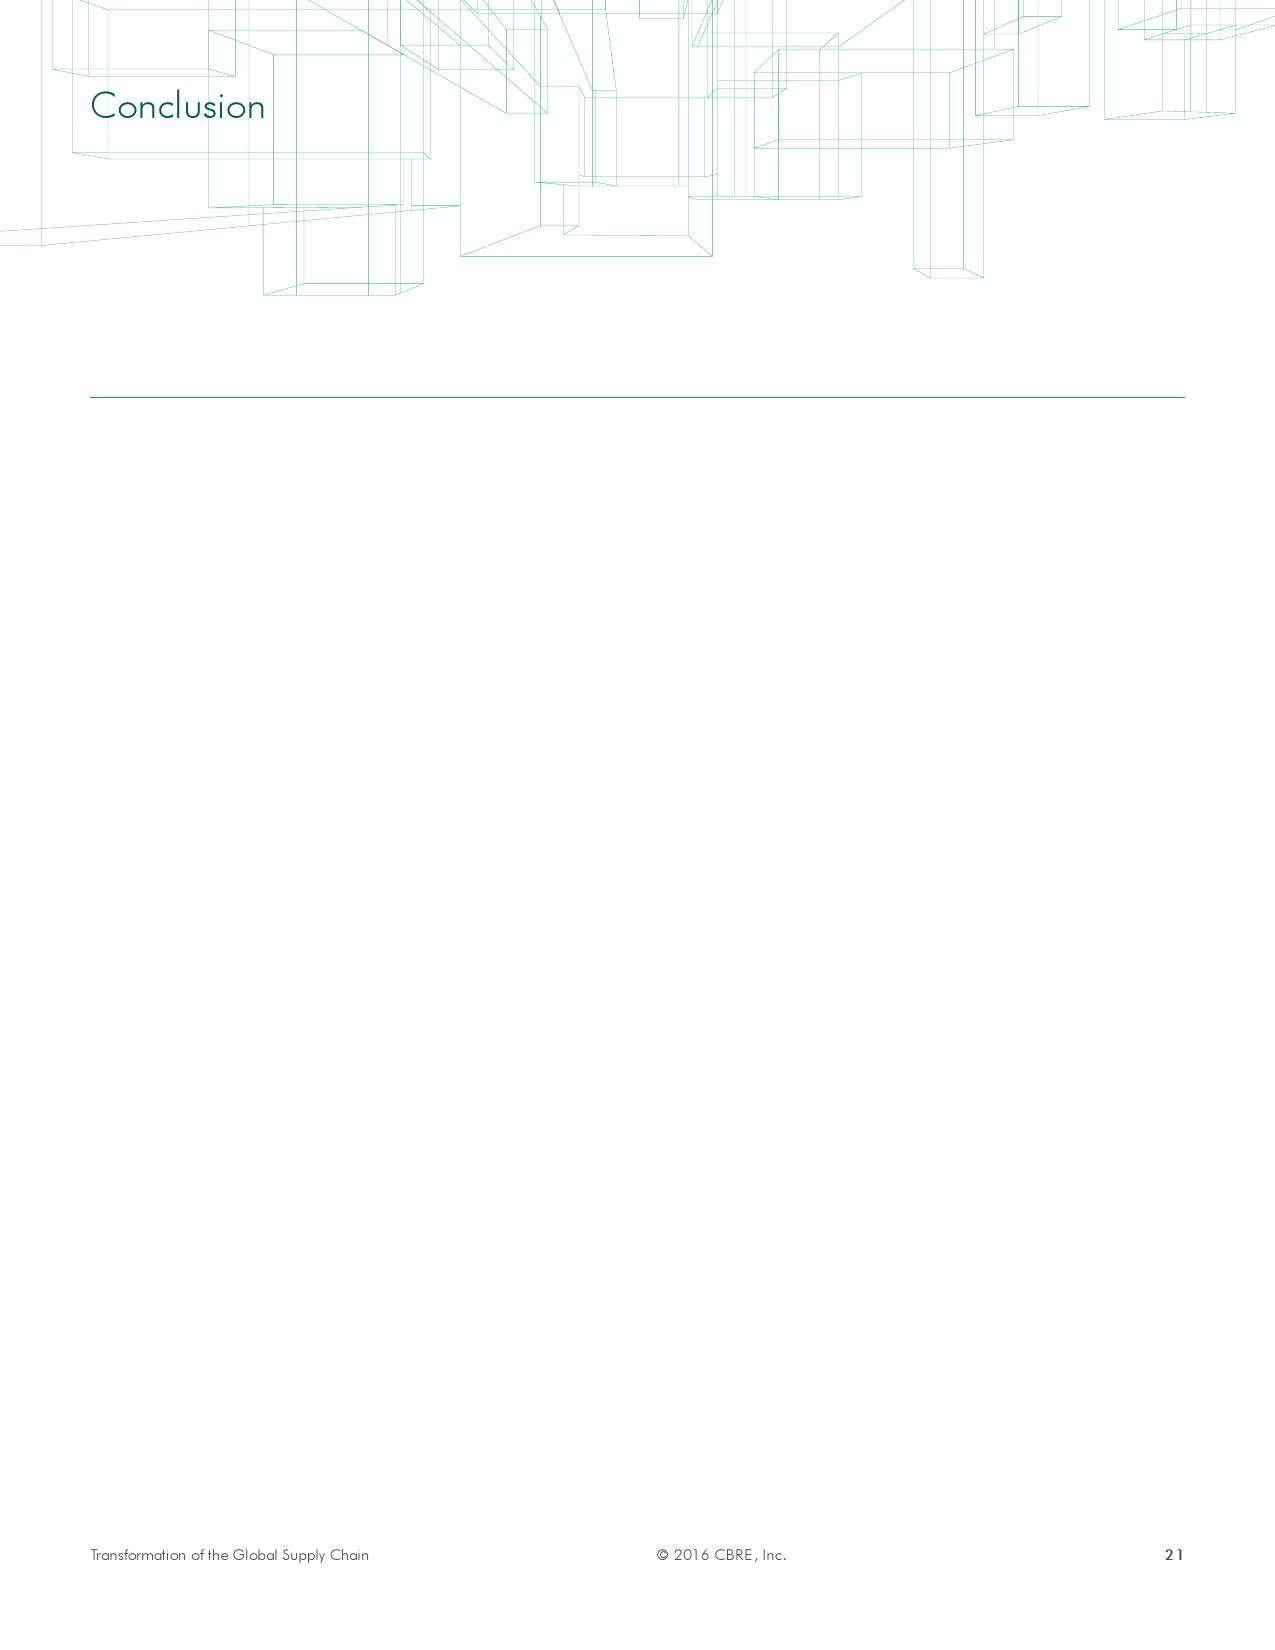 全球供应链升级-自动化技术驱动房地产变革_000021